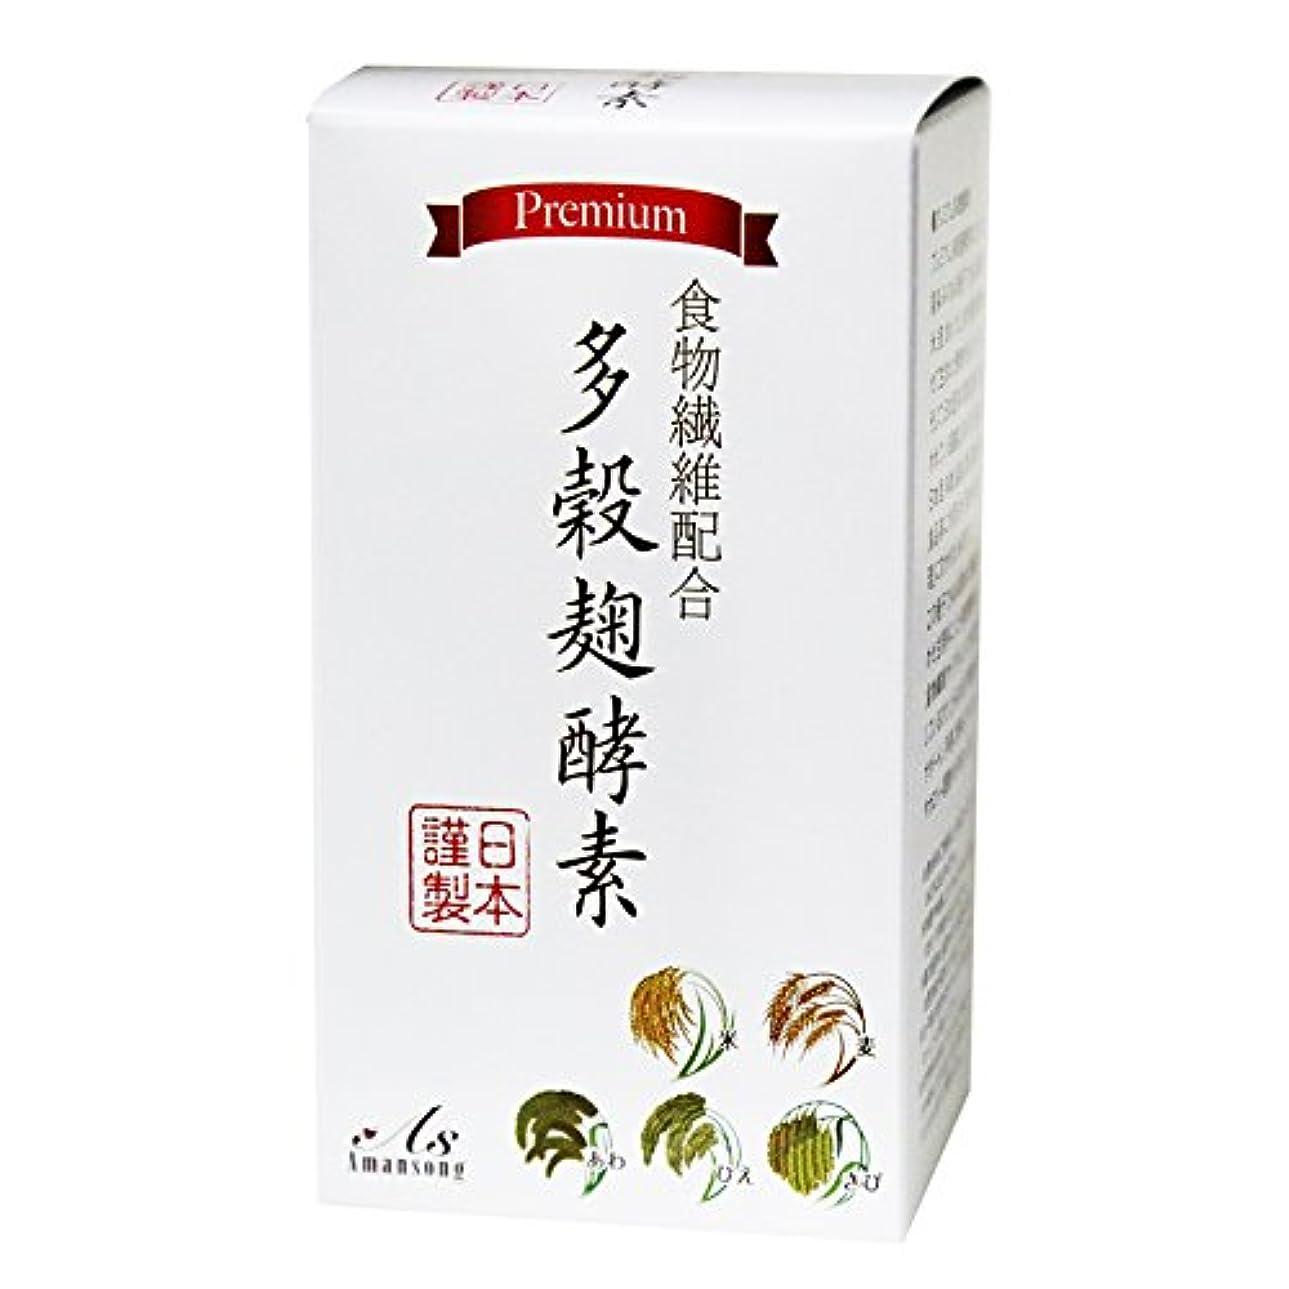 A?S プレミアム多穀麹酵素  活きてる麹酵素 の配合量アップ 手軽に美味しくダイエットやカロリー調整をお手伝いします 30包入り